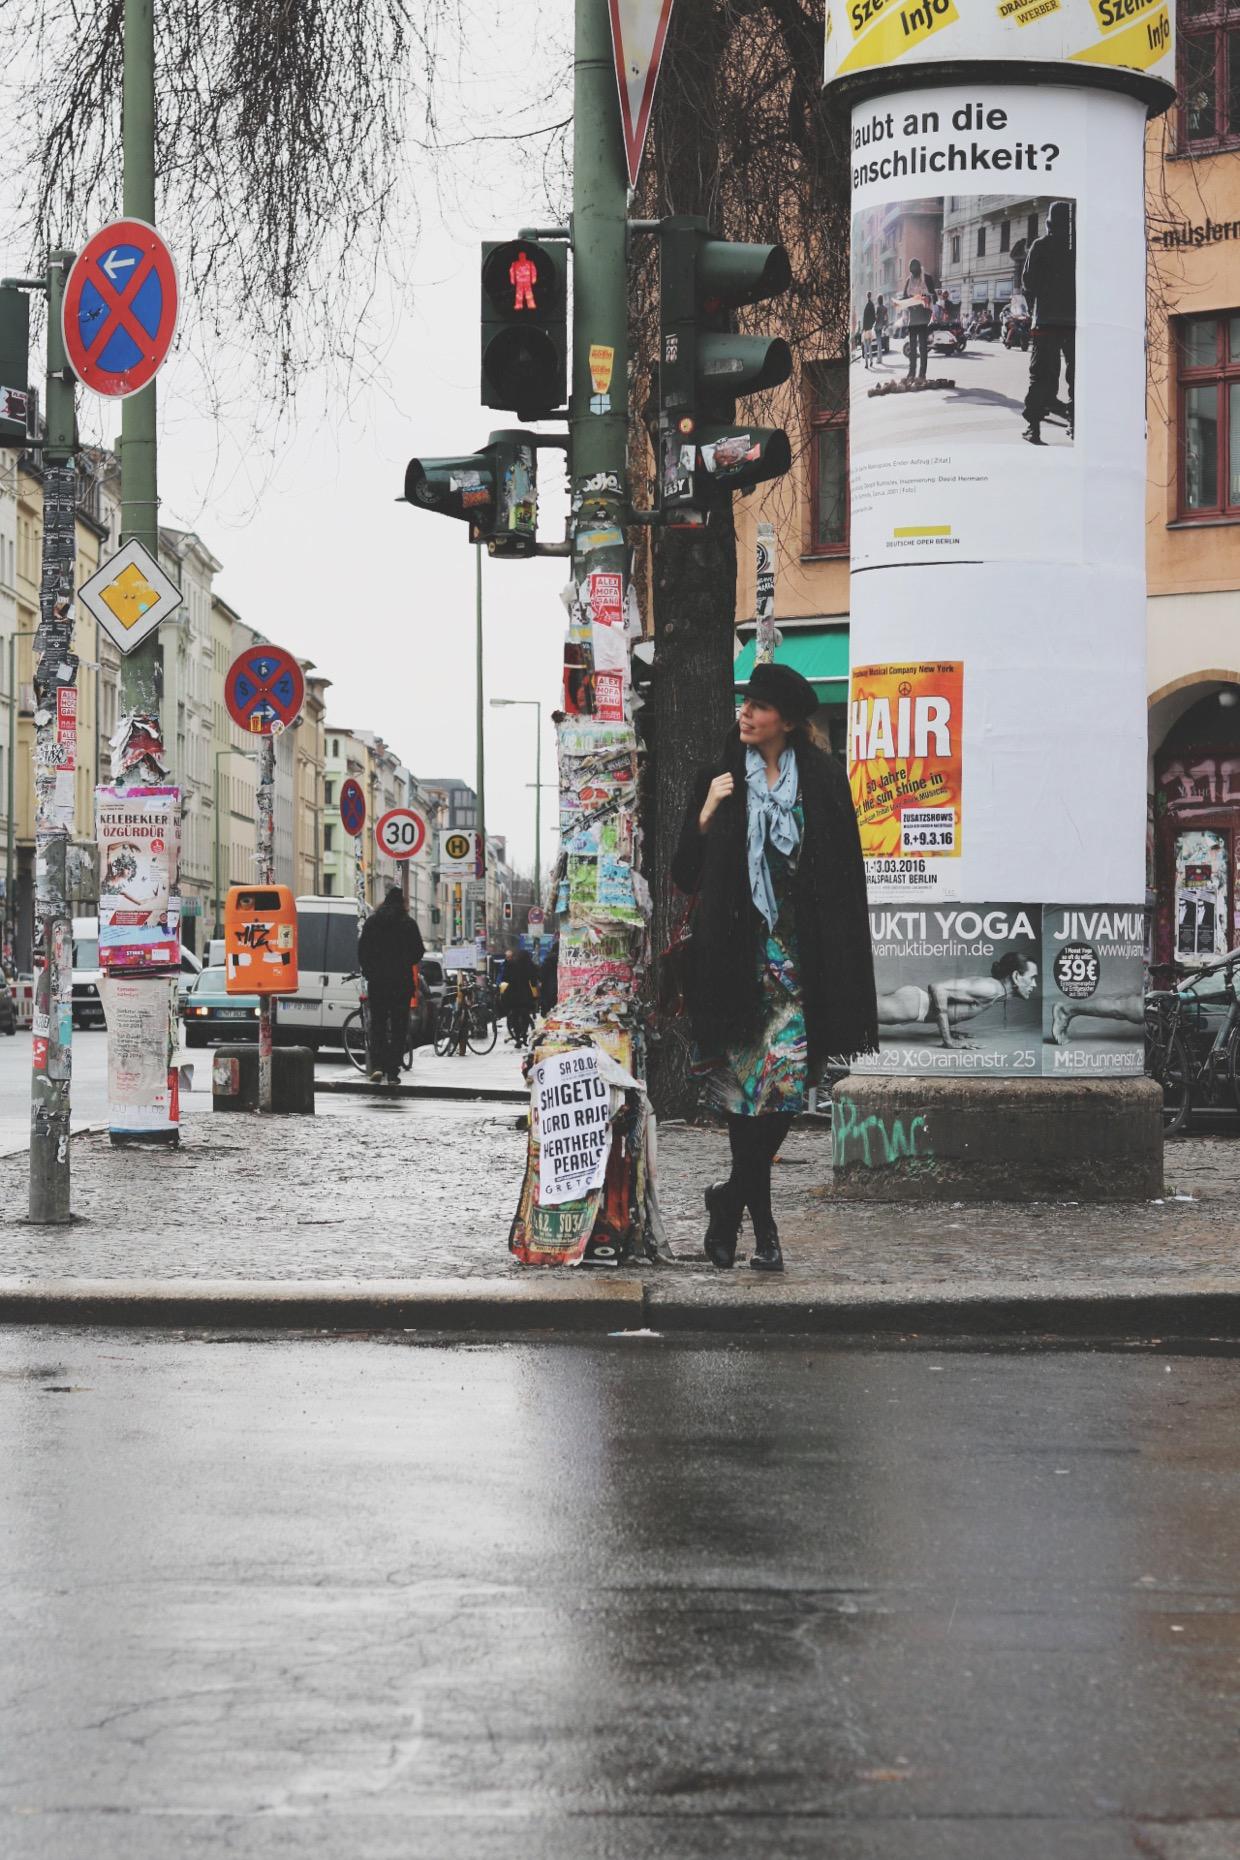 Free spirit in Kreuzberg9